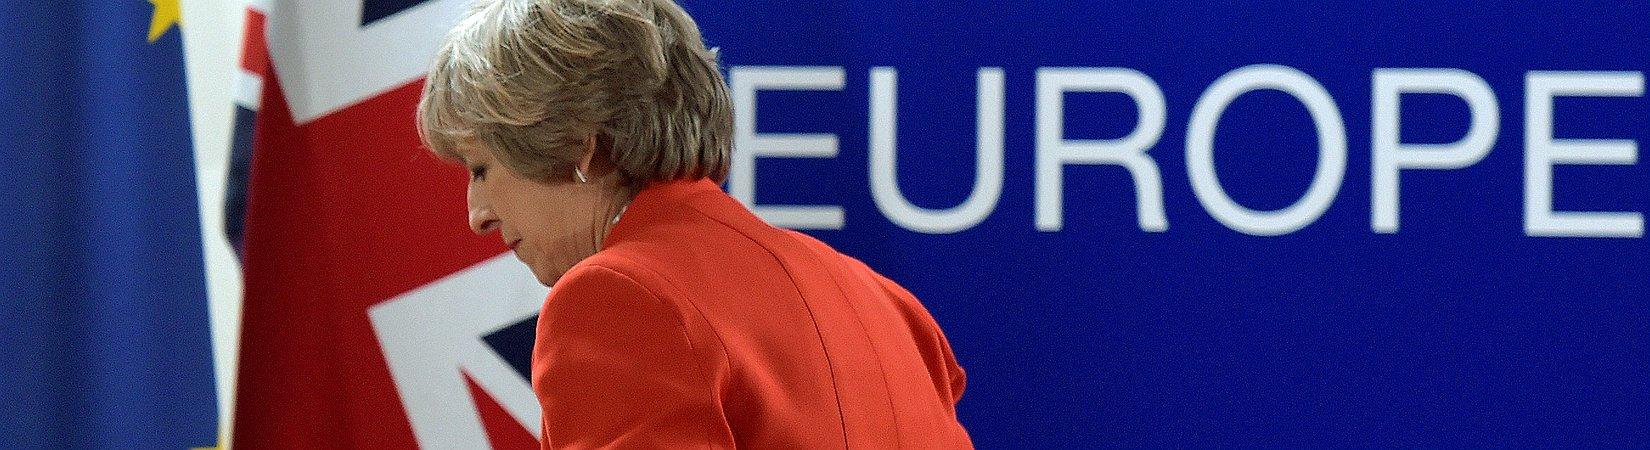 Brexit, il Parlamento britannico dovrà autorizzare l'avvio dei negoziati con l'Ue